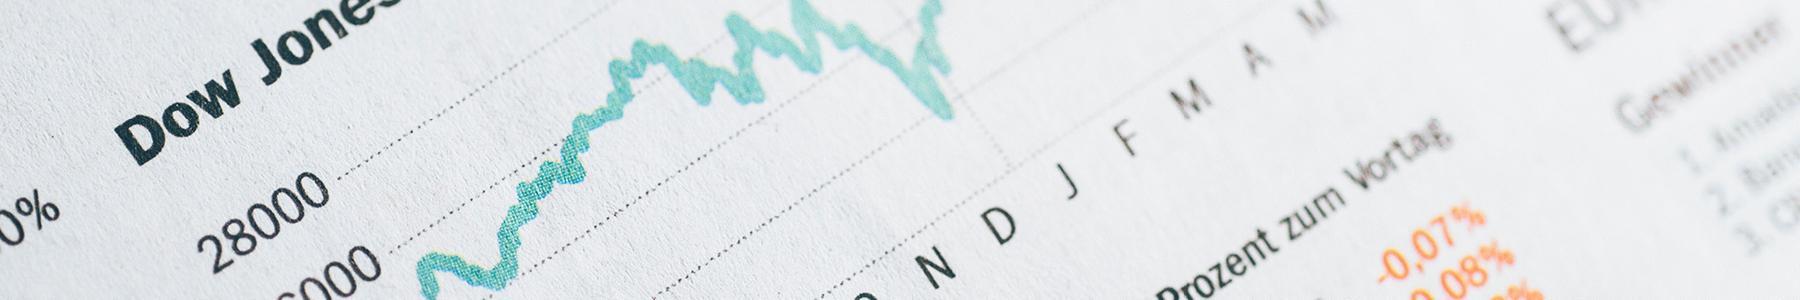 Fourth Quarter 2019: Market Newsletter Thumbnail